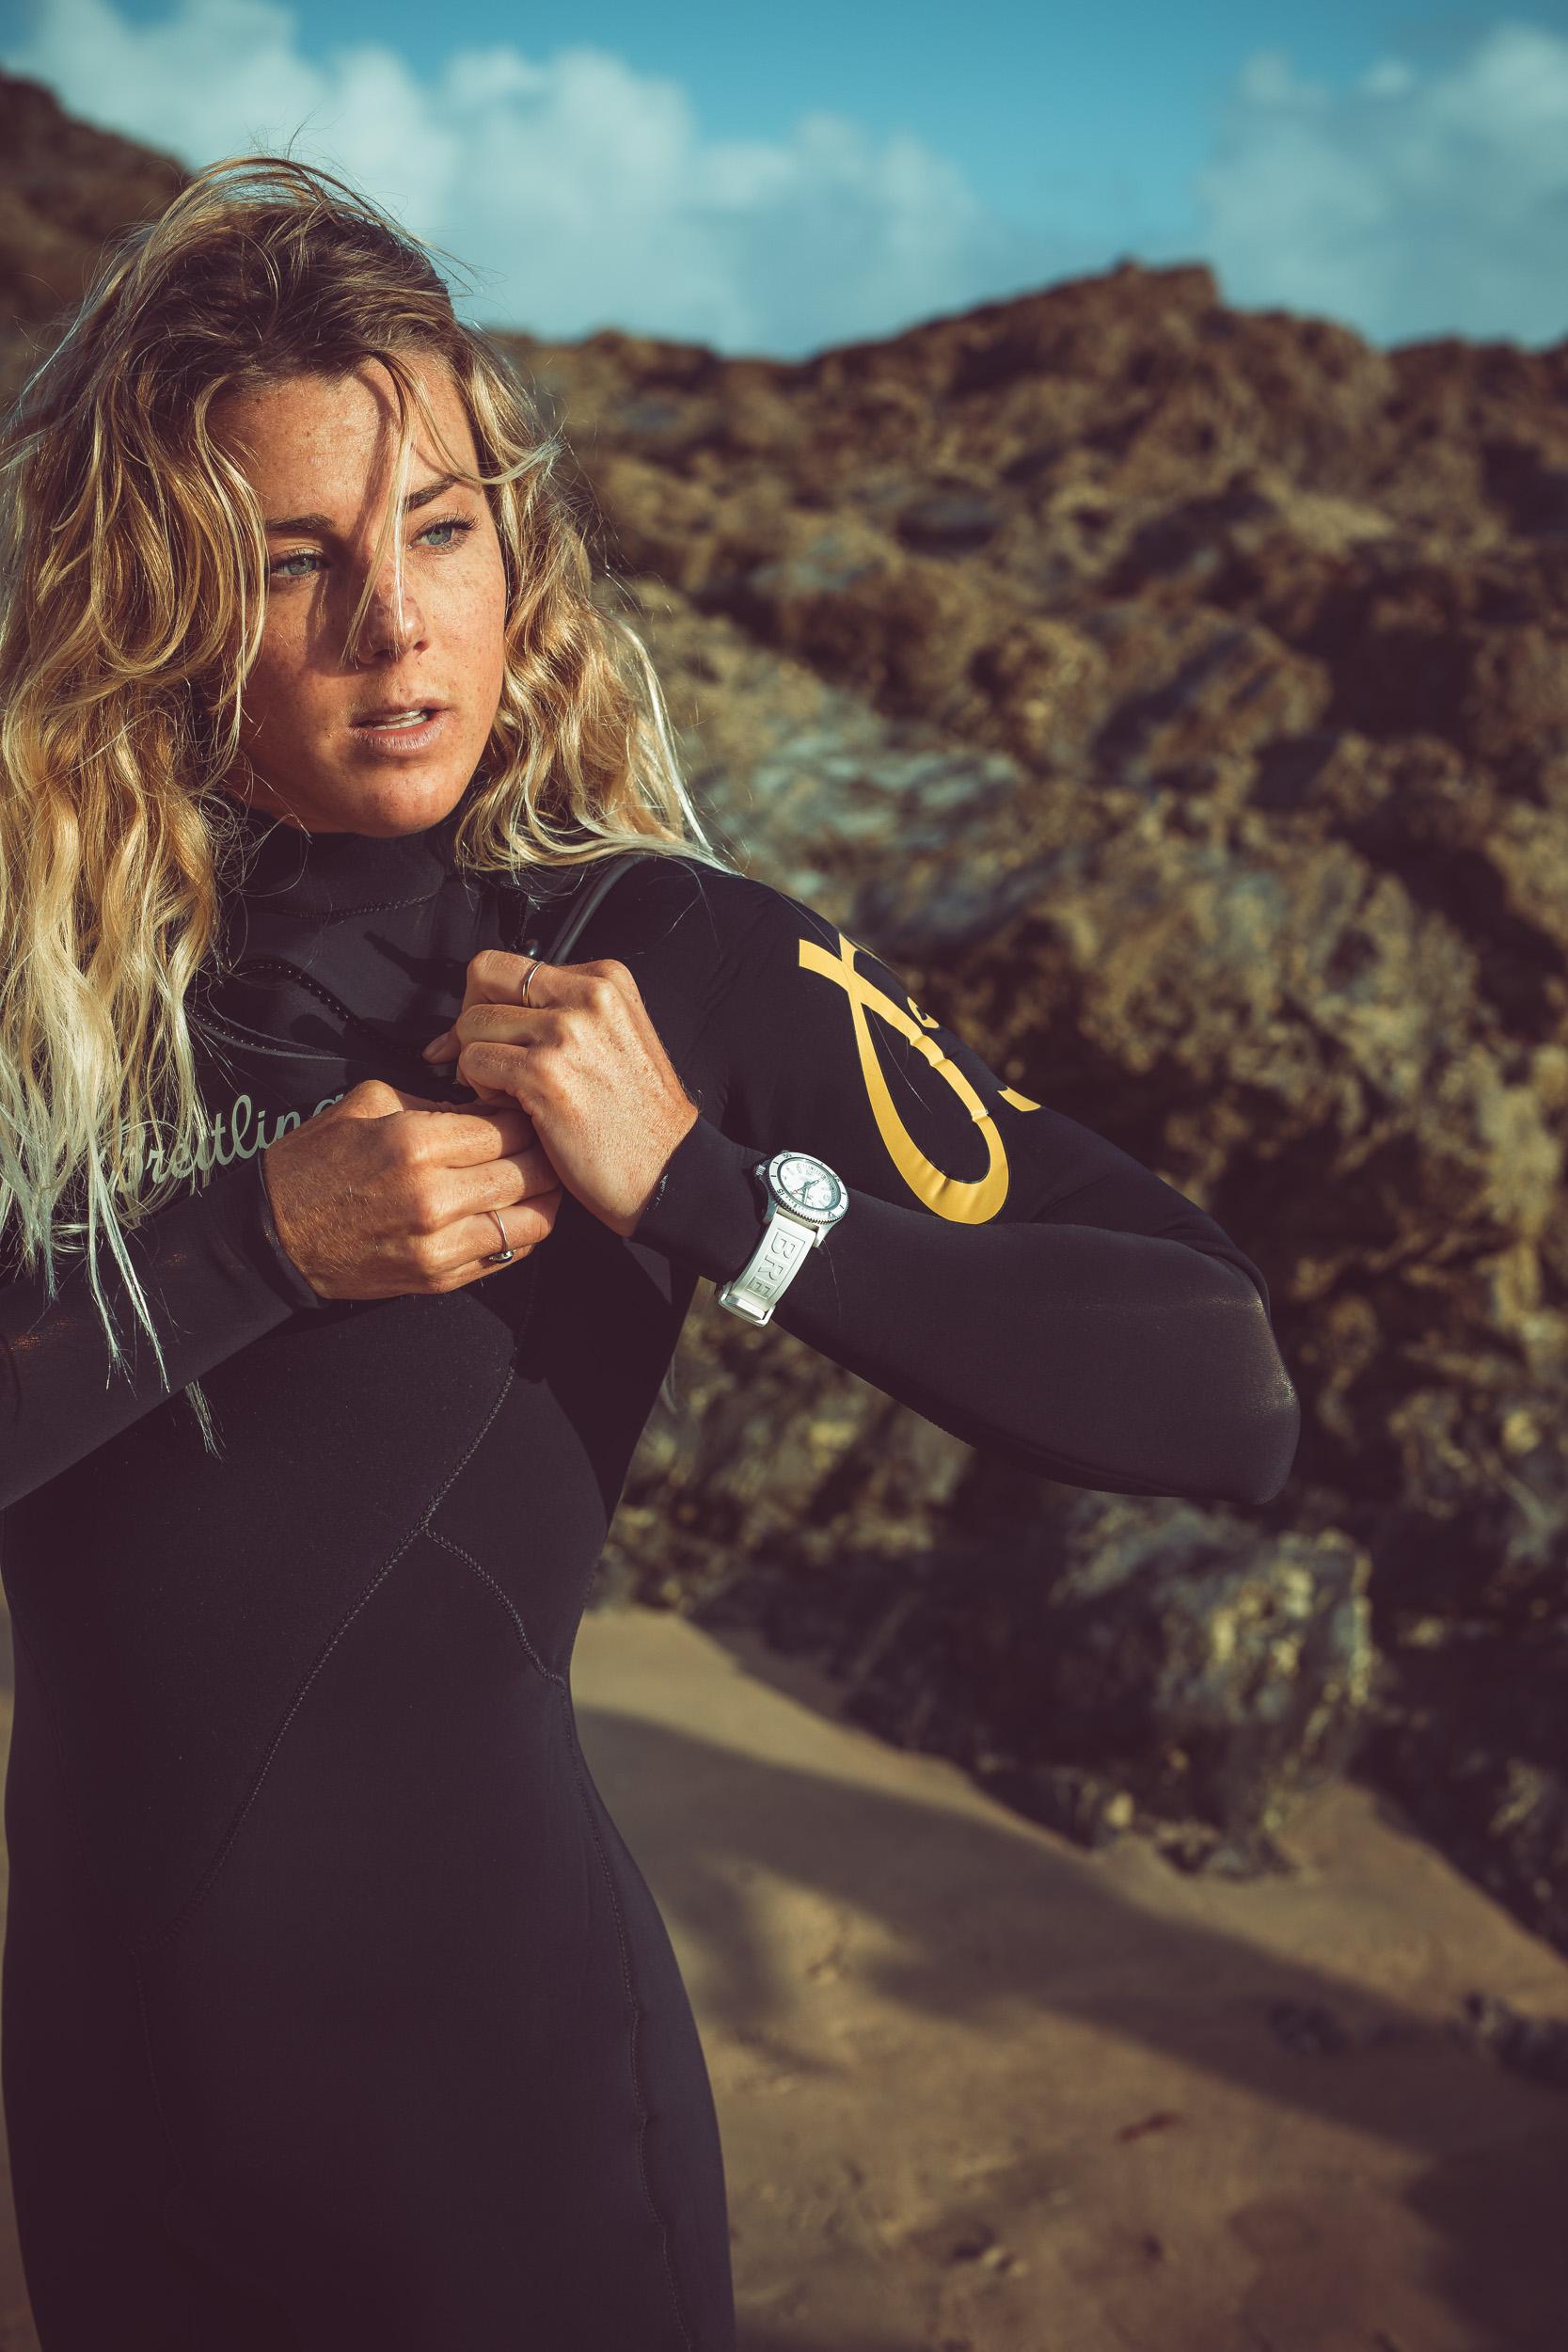 BREITLING-SURF-Finn-Beales-101.jpg